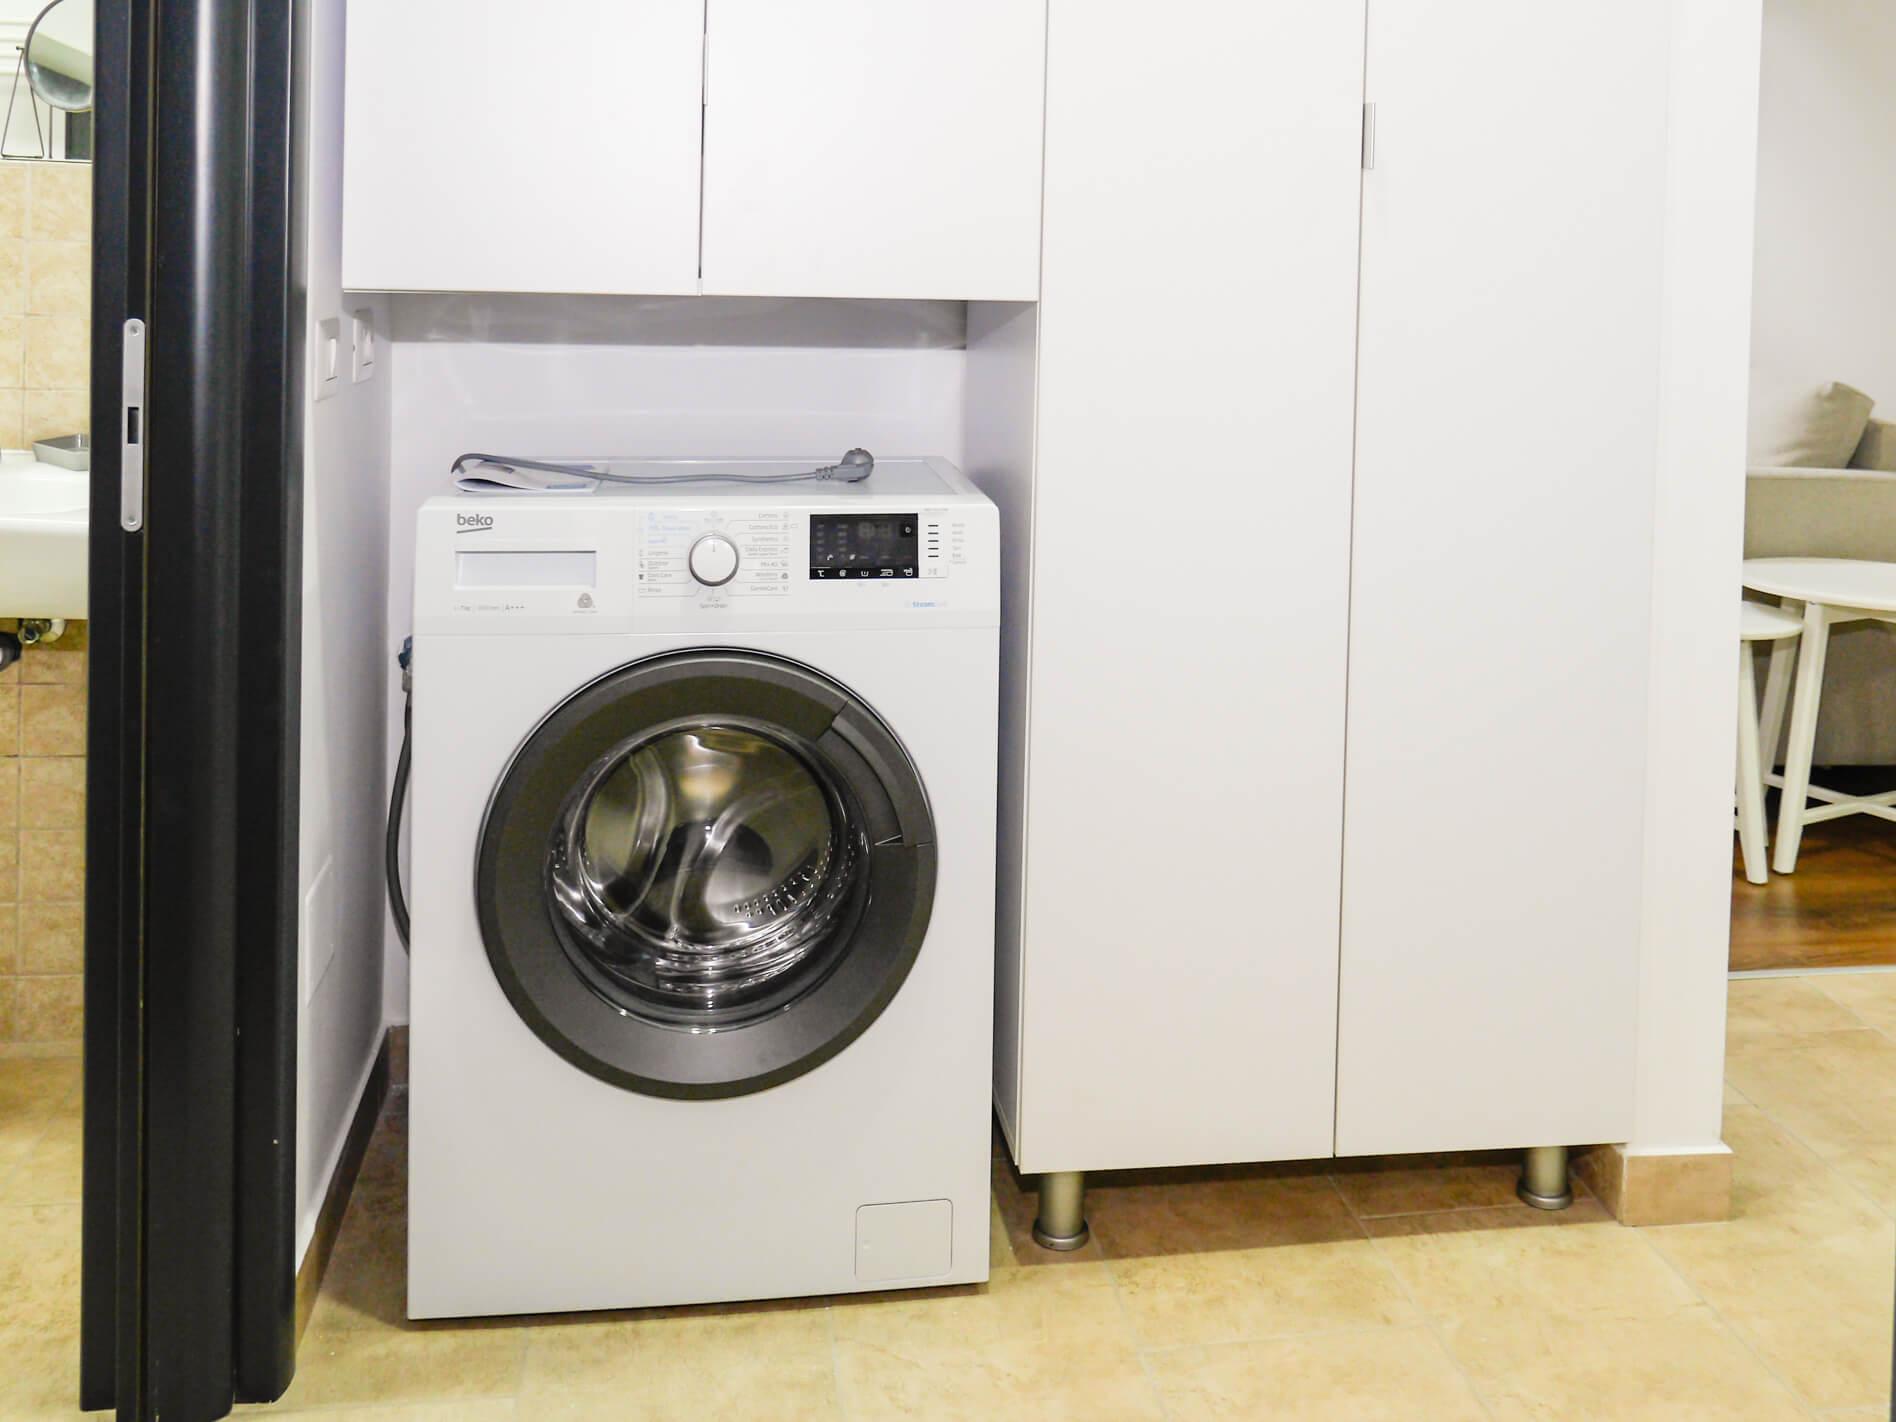 Clement Apartments - apartamente de inchiriat in regim hotelier - cazare neamt - cazare piatra neamt (8) - apartament 3